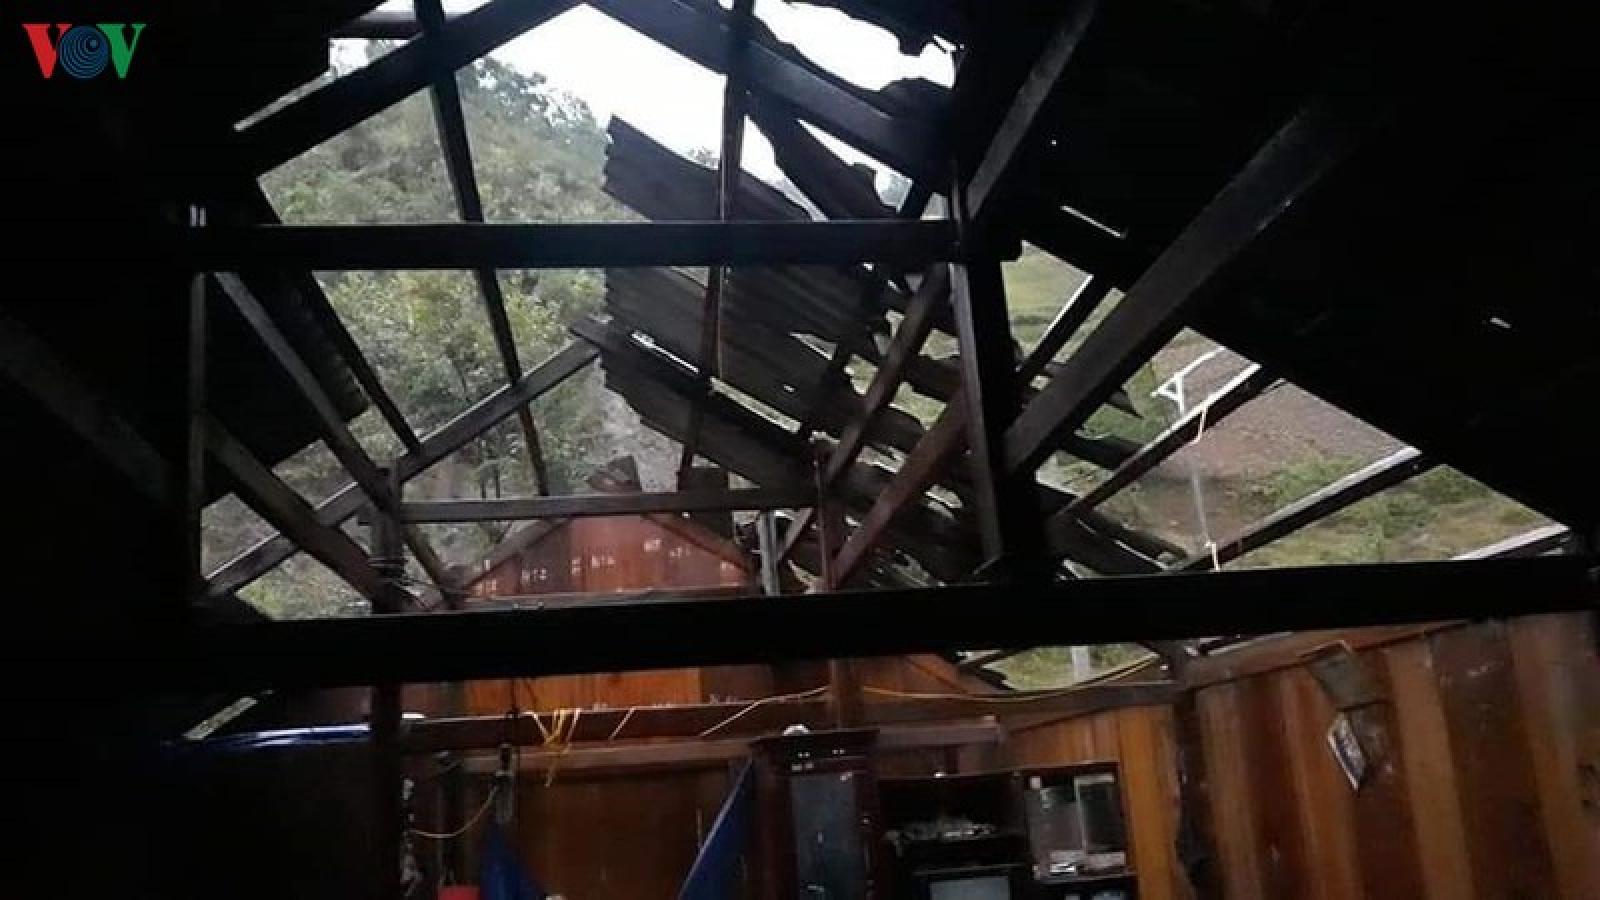 Mưa lốc ở Ngọc Chiến, Sơn La làm gần 400 ngôi nhà bị tốc mái